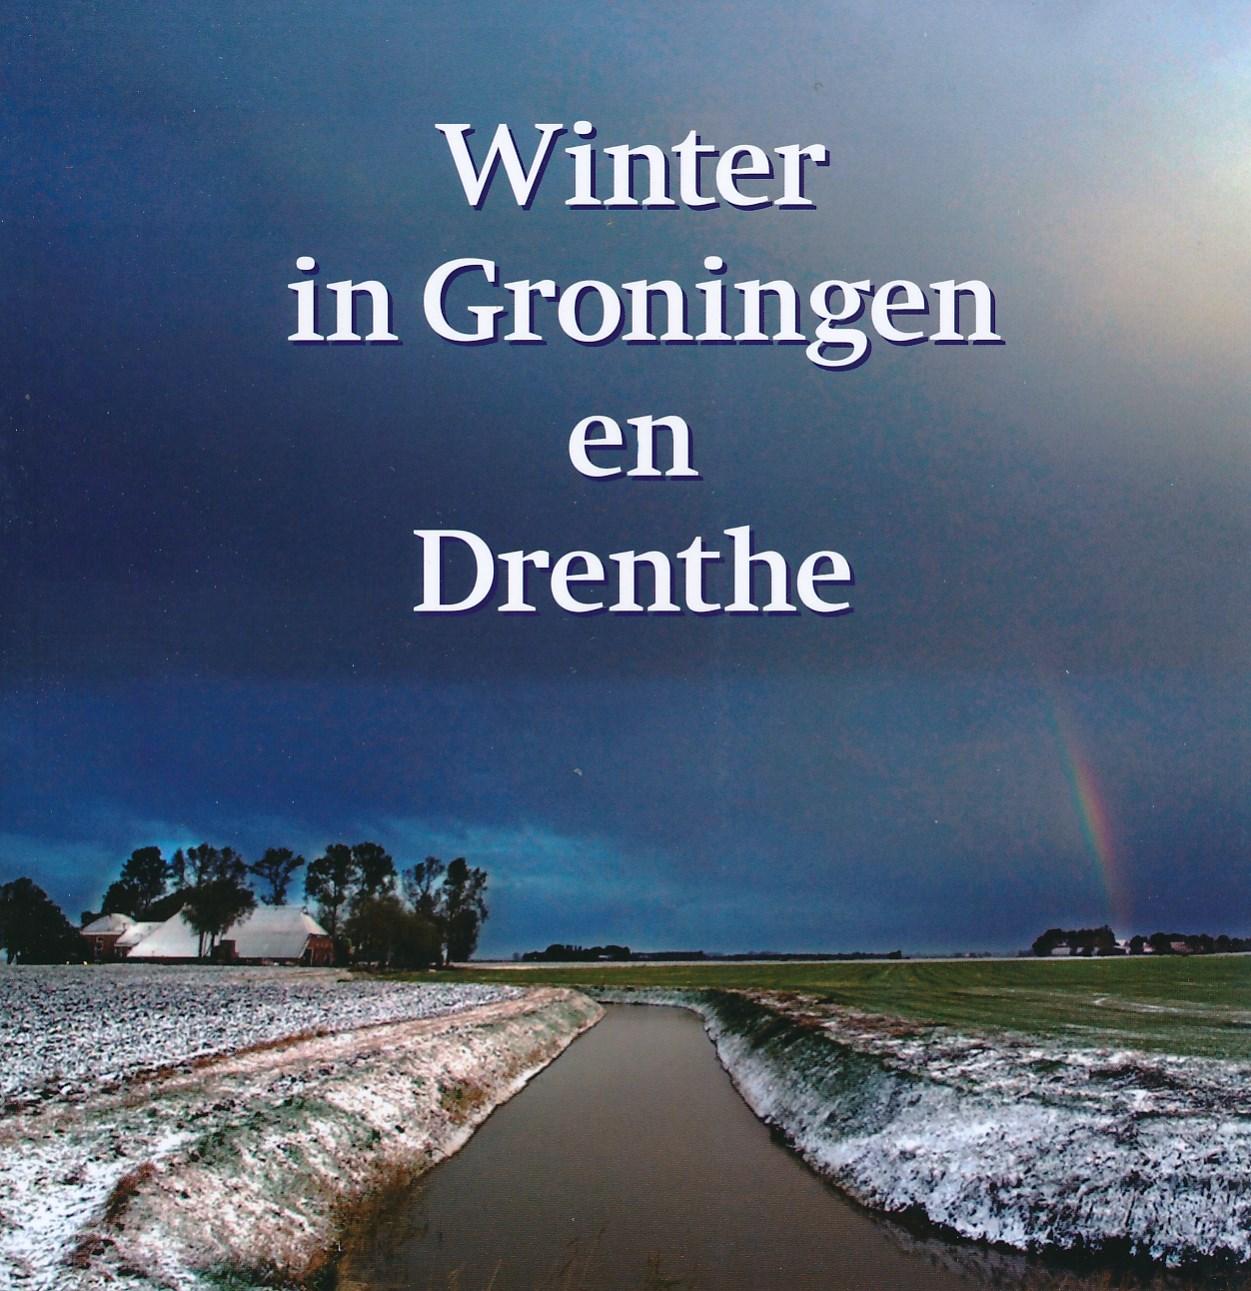 Fotoboek Winter in Groningen en Drenthe   Noordboek   Gitte Brugman